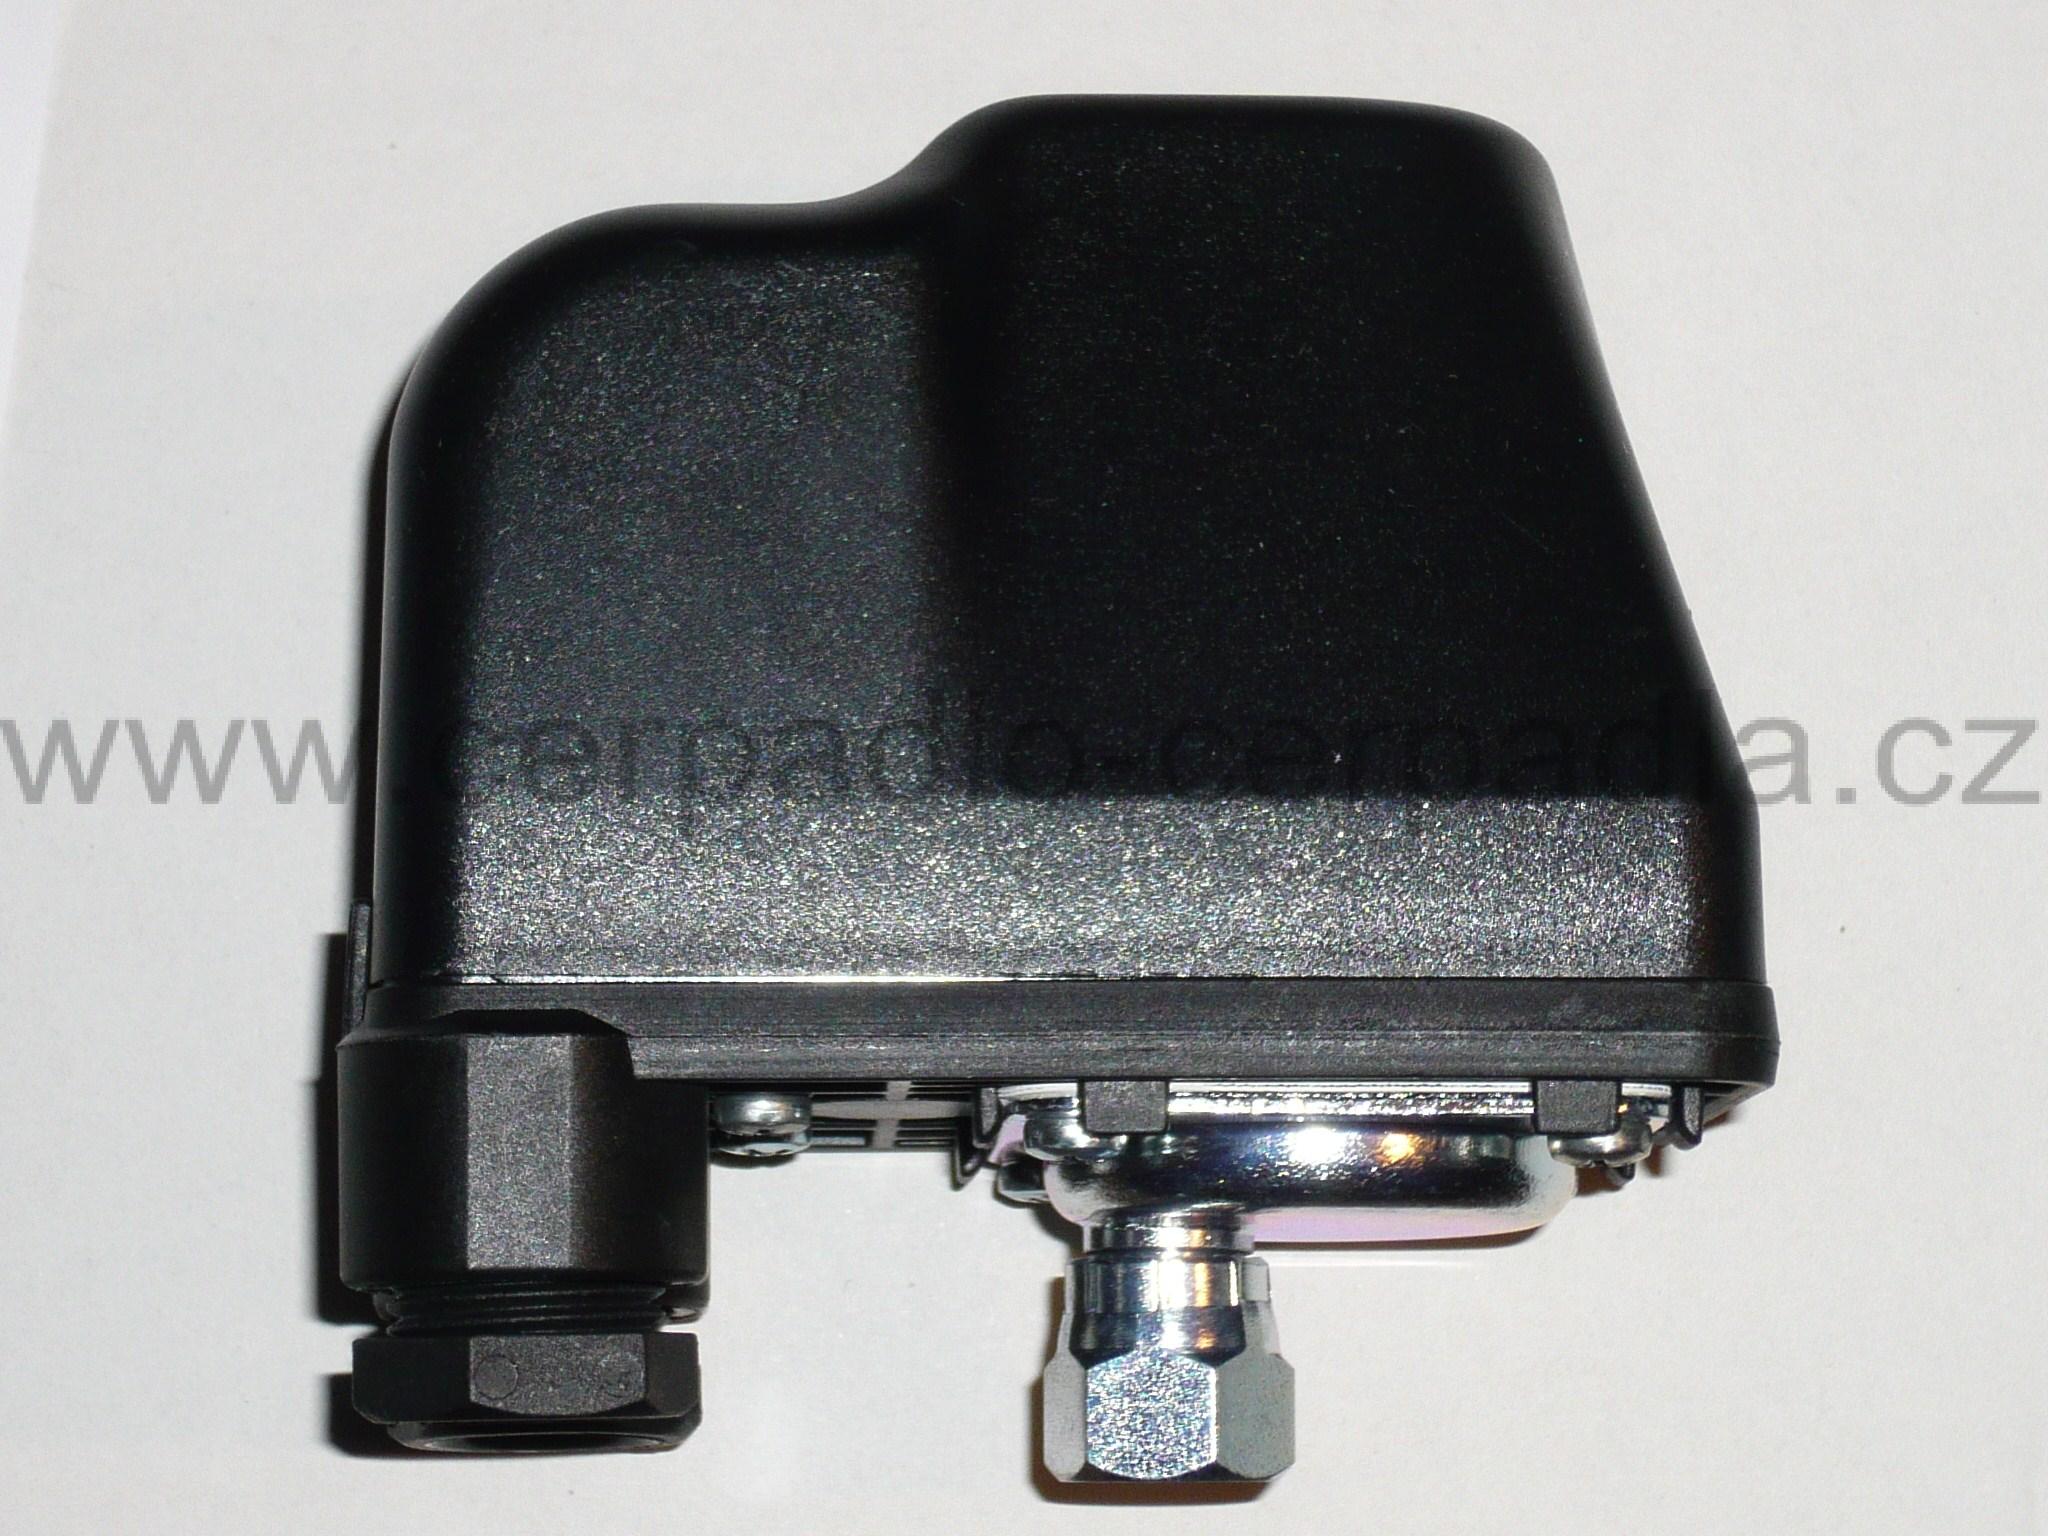 tlakový spínač PT5/G 230/400V otočná matka 2,7 - 4,4 bar, pro čerpadlo (tlakový spínač PT 5 pro 230V i 400V, Tlakové spínače)